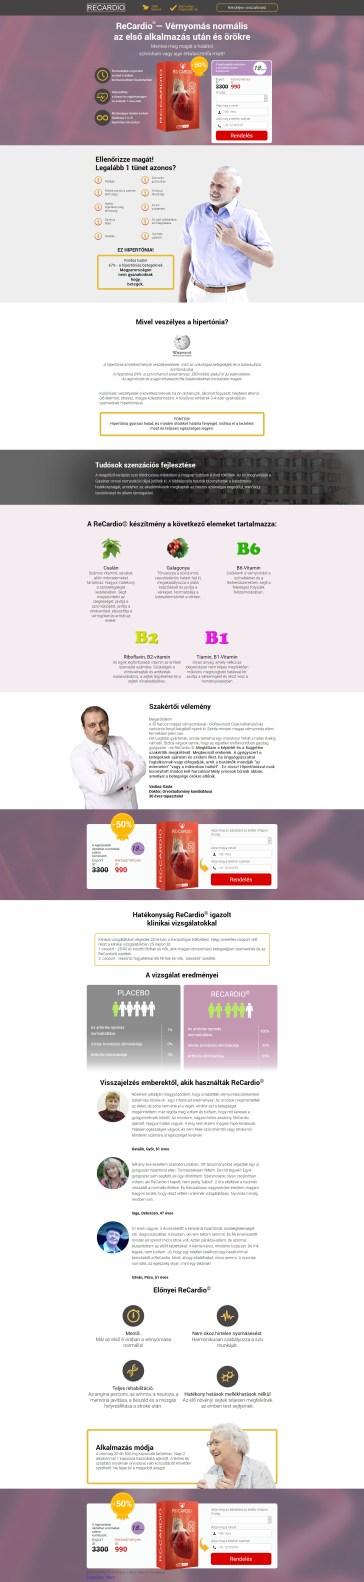 hatékony küzdelem a magas vérnyomás ellen)